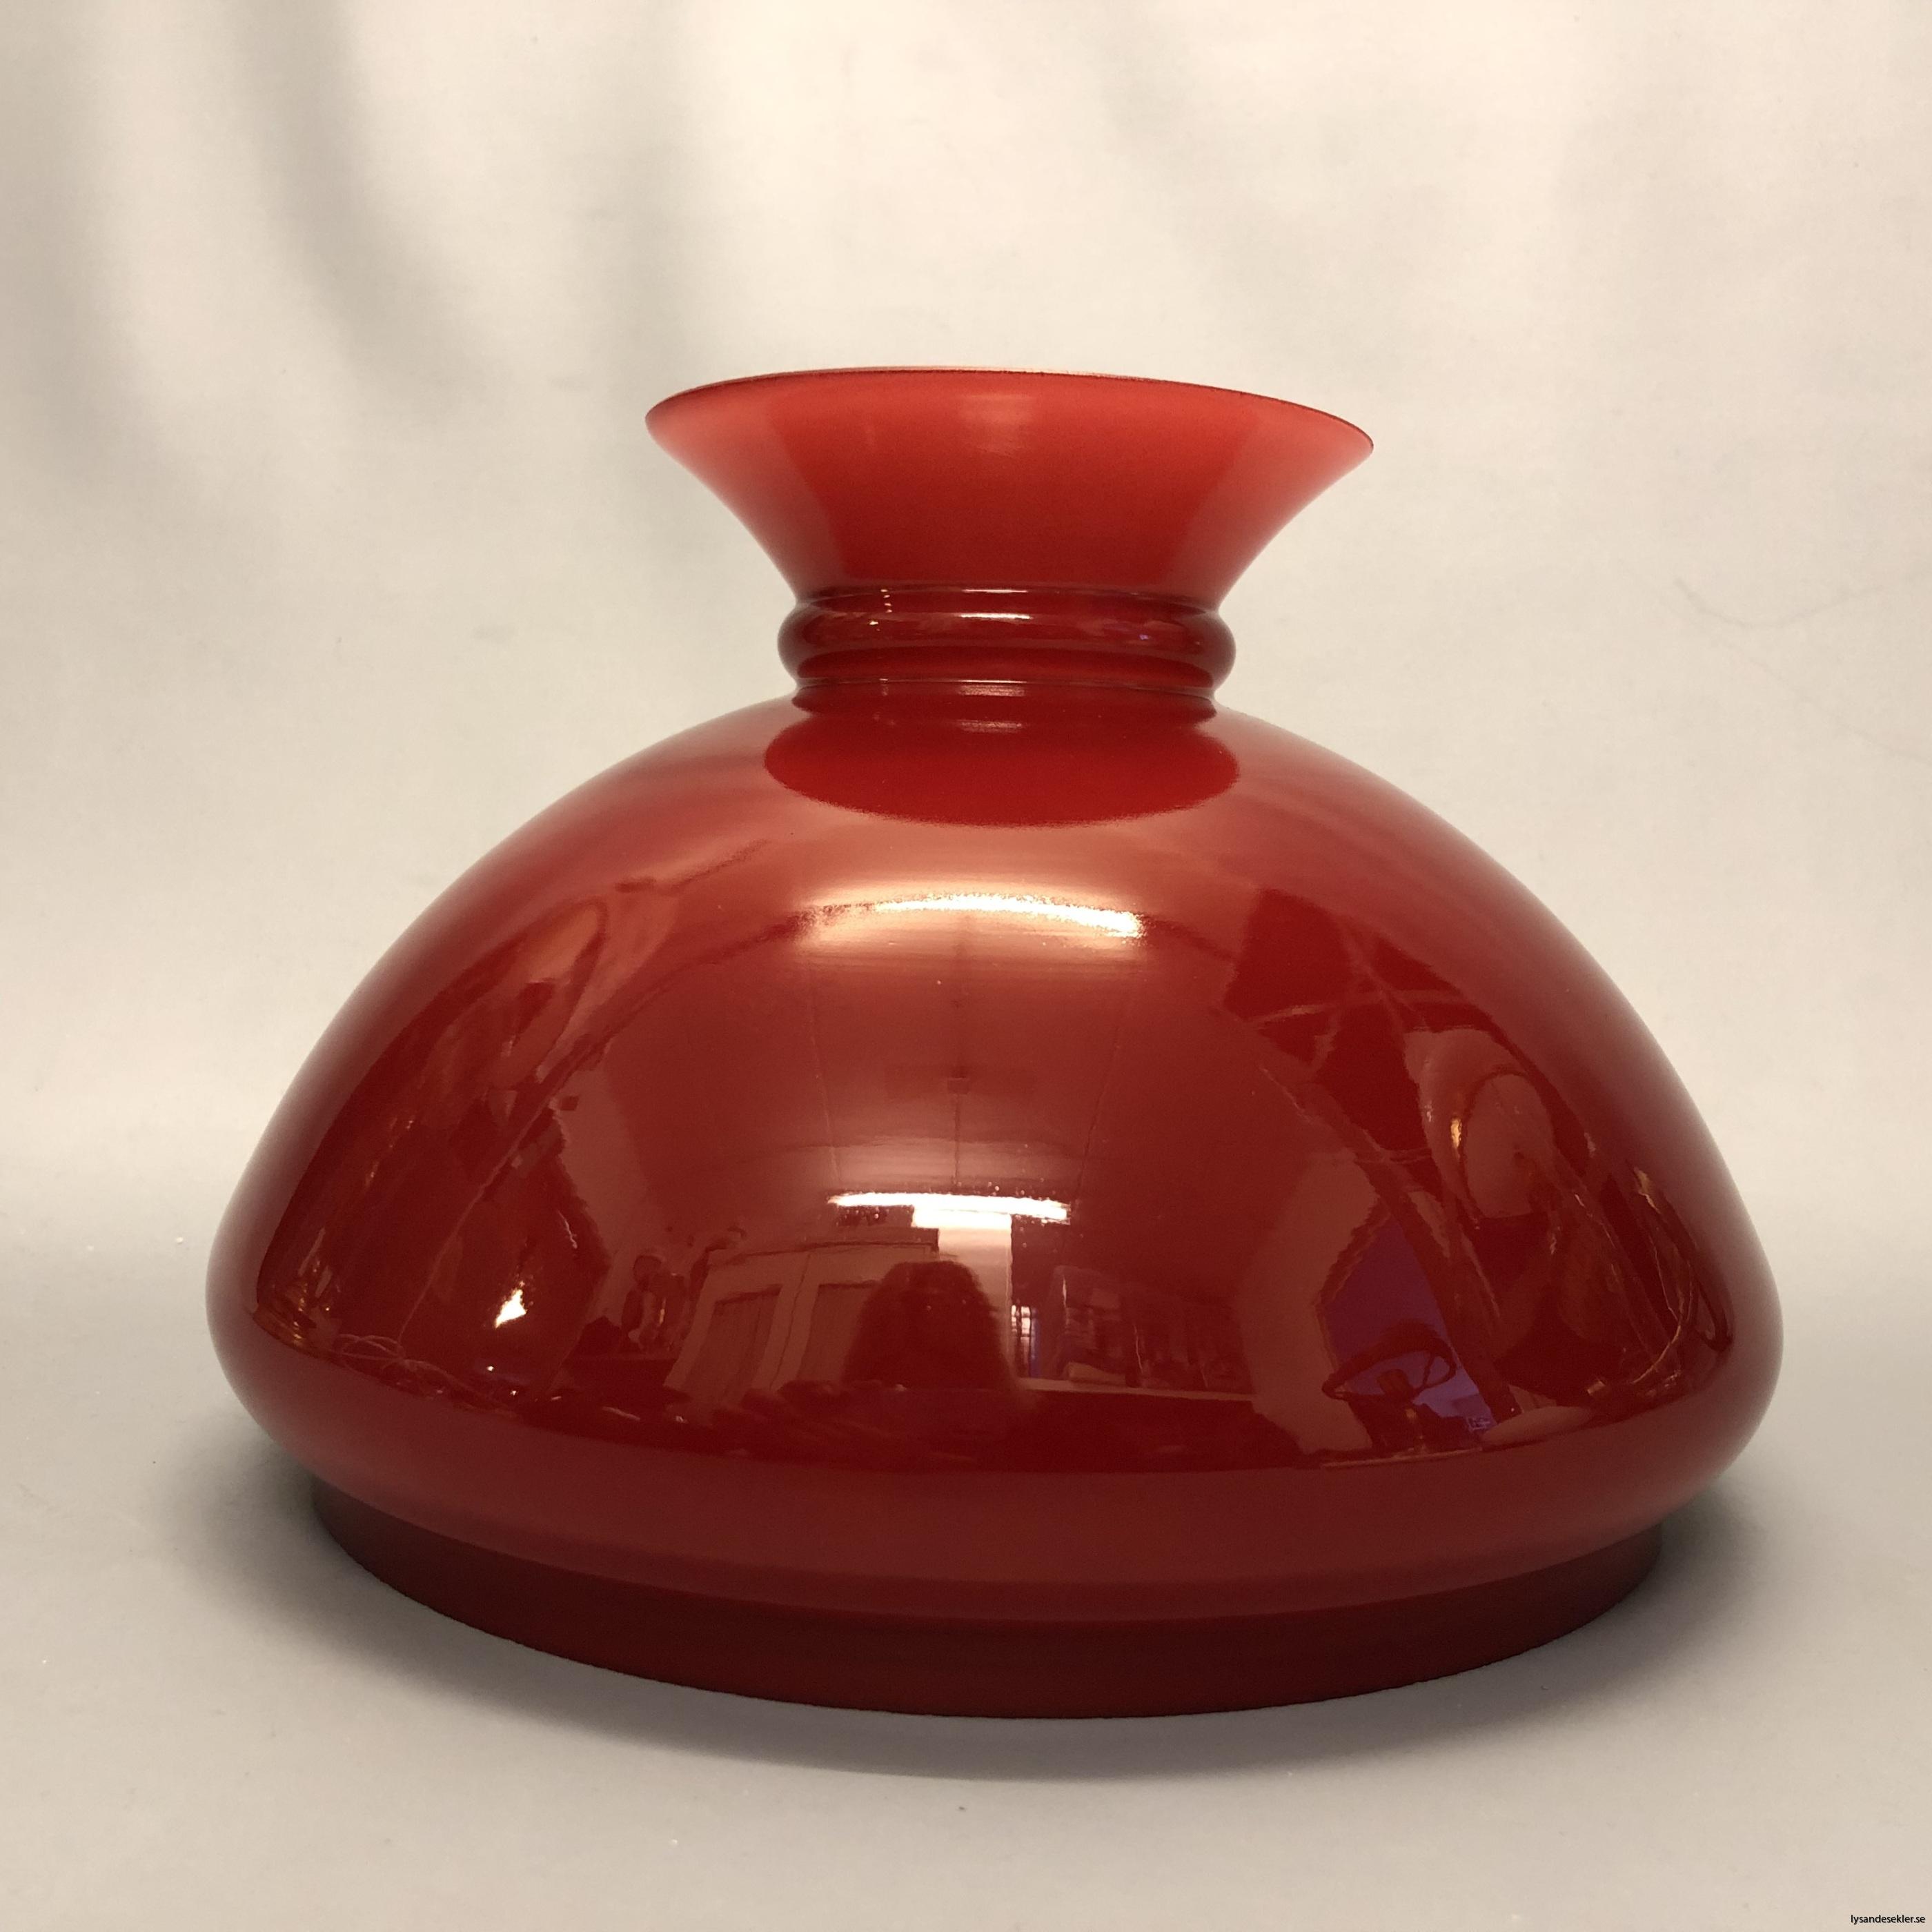 färgad vesta vestaskärm i färg fotogenskärm grön röd gul orange skärm till fotogenlampa32